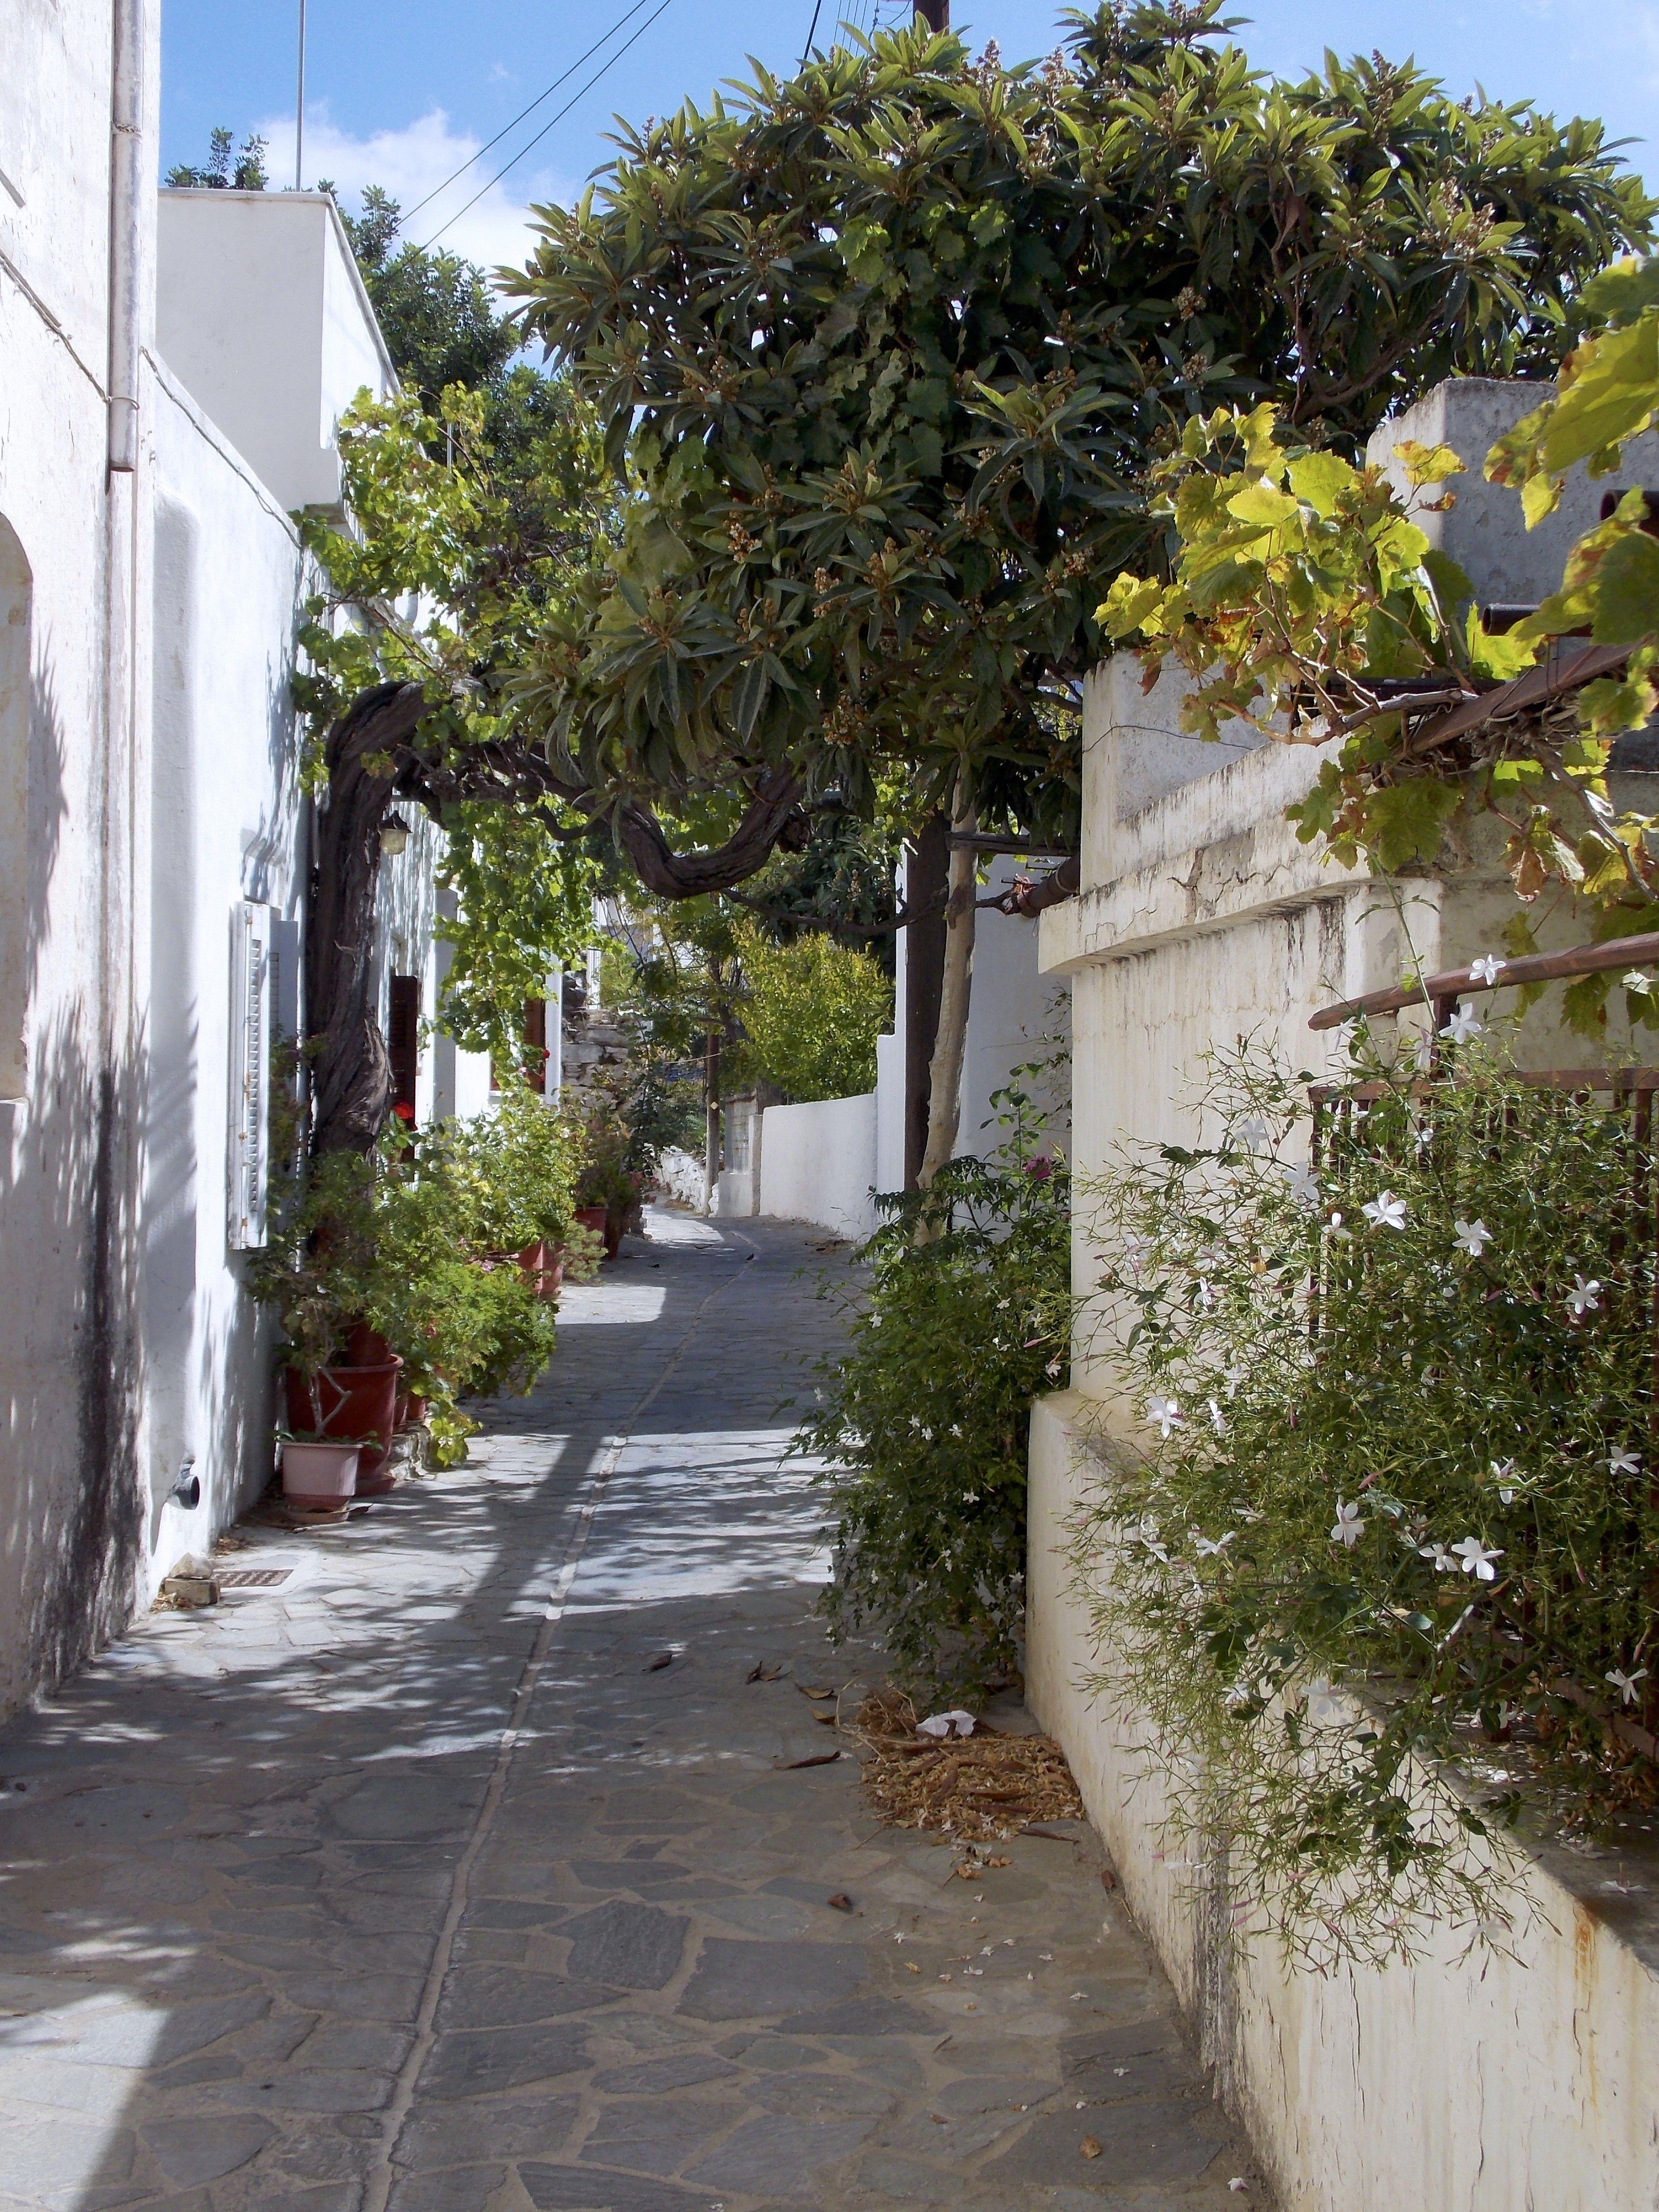 Kourounochori, Naxos Island, Greece. photo by Ηλιασ